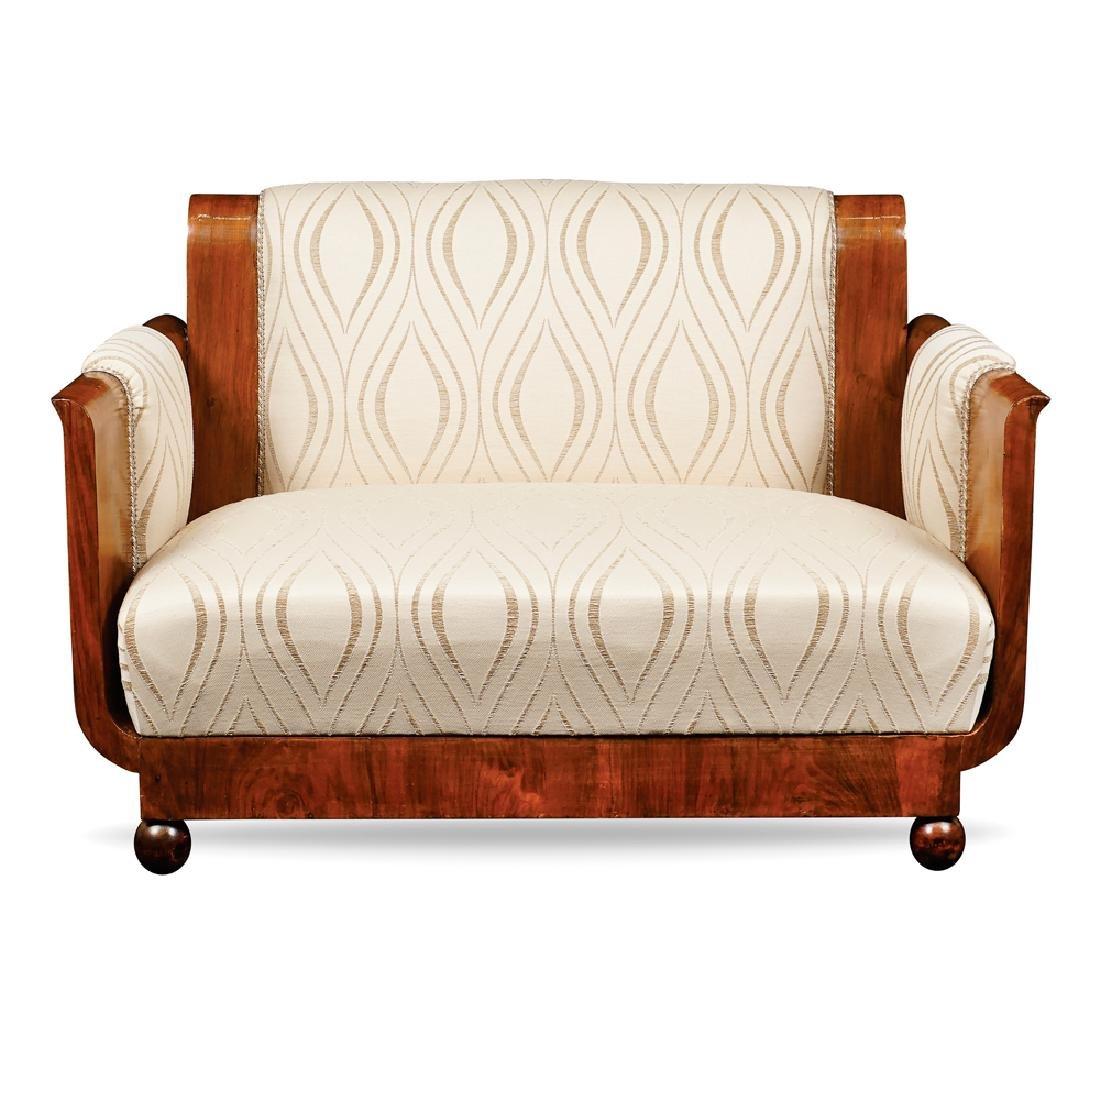 A Decò sofa France early 20th century 76x110x69 cm.